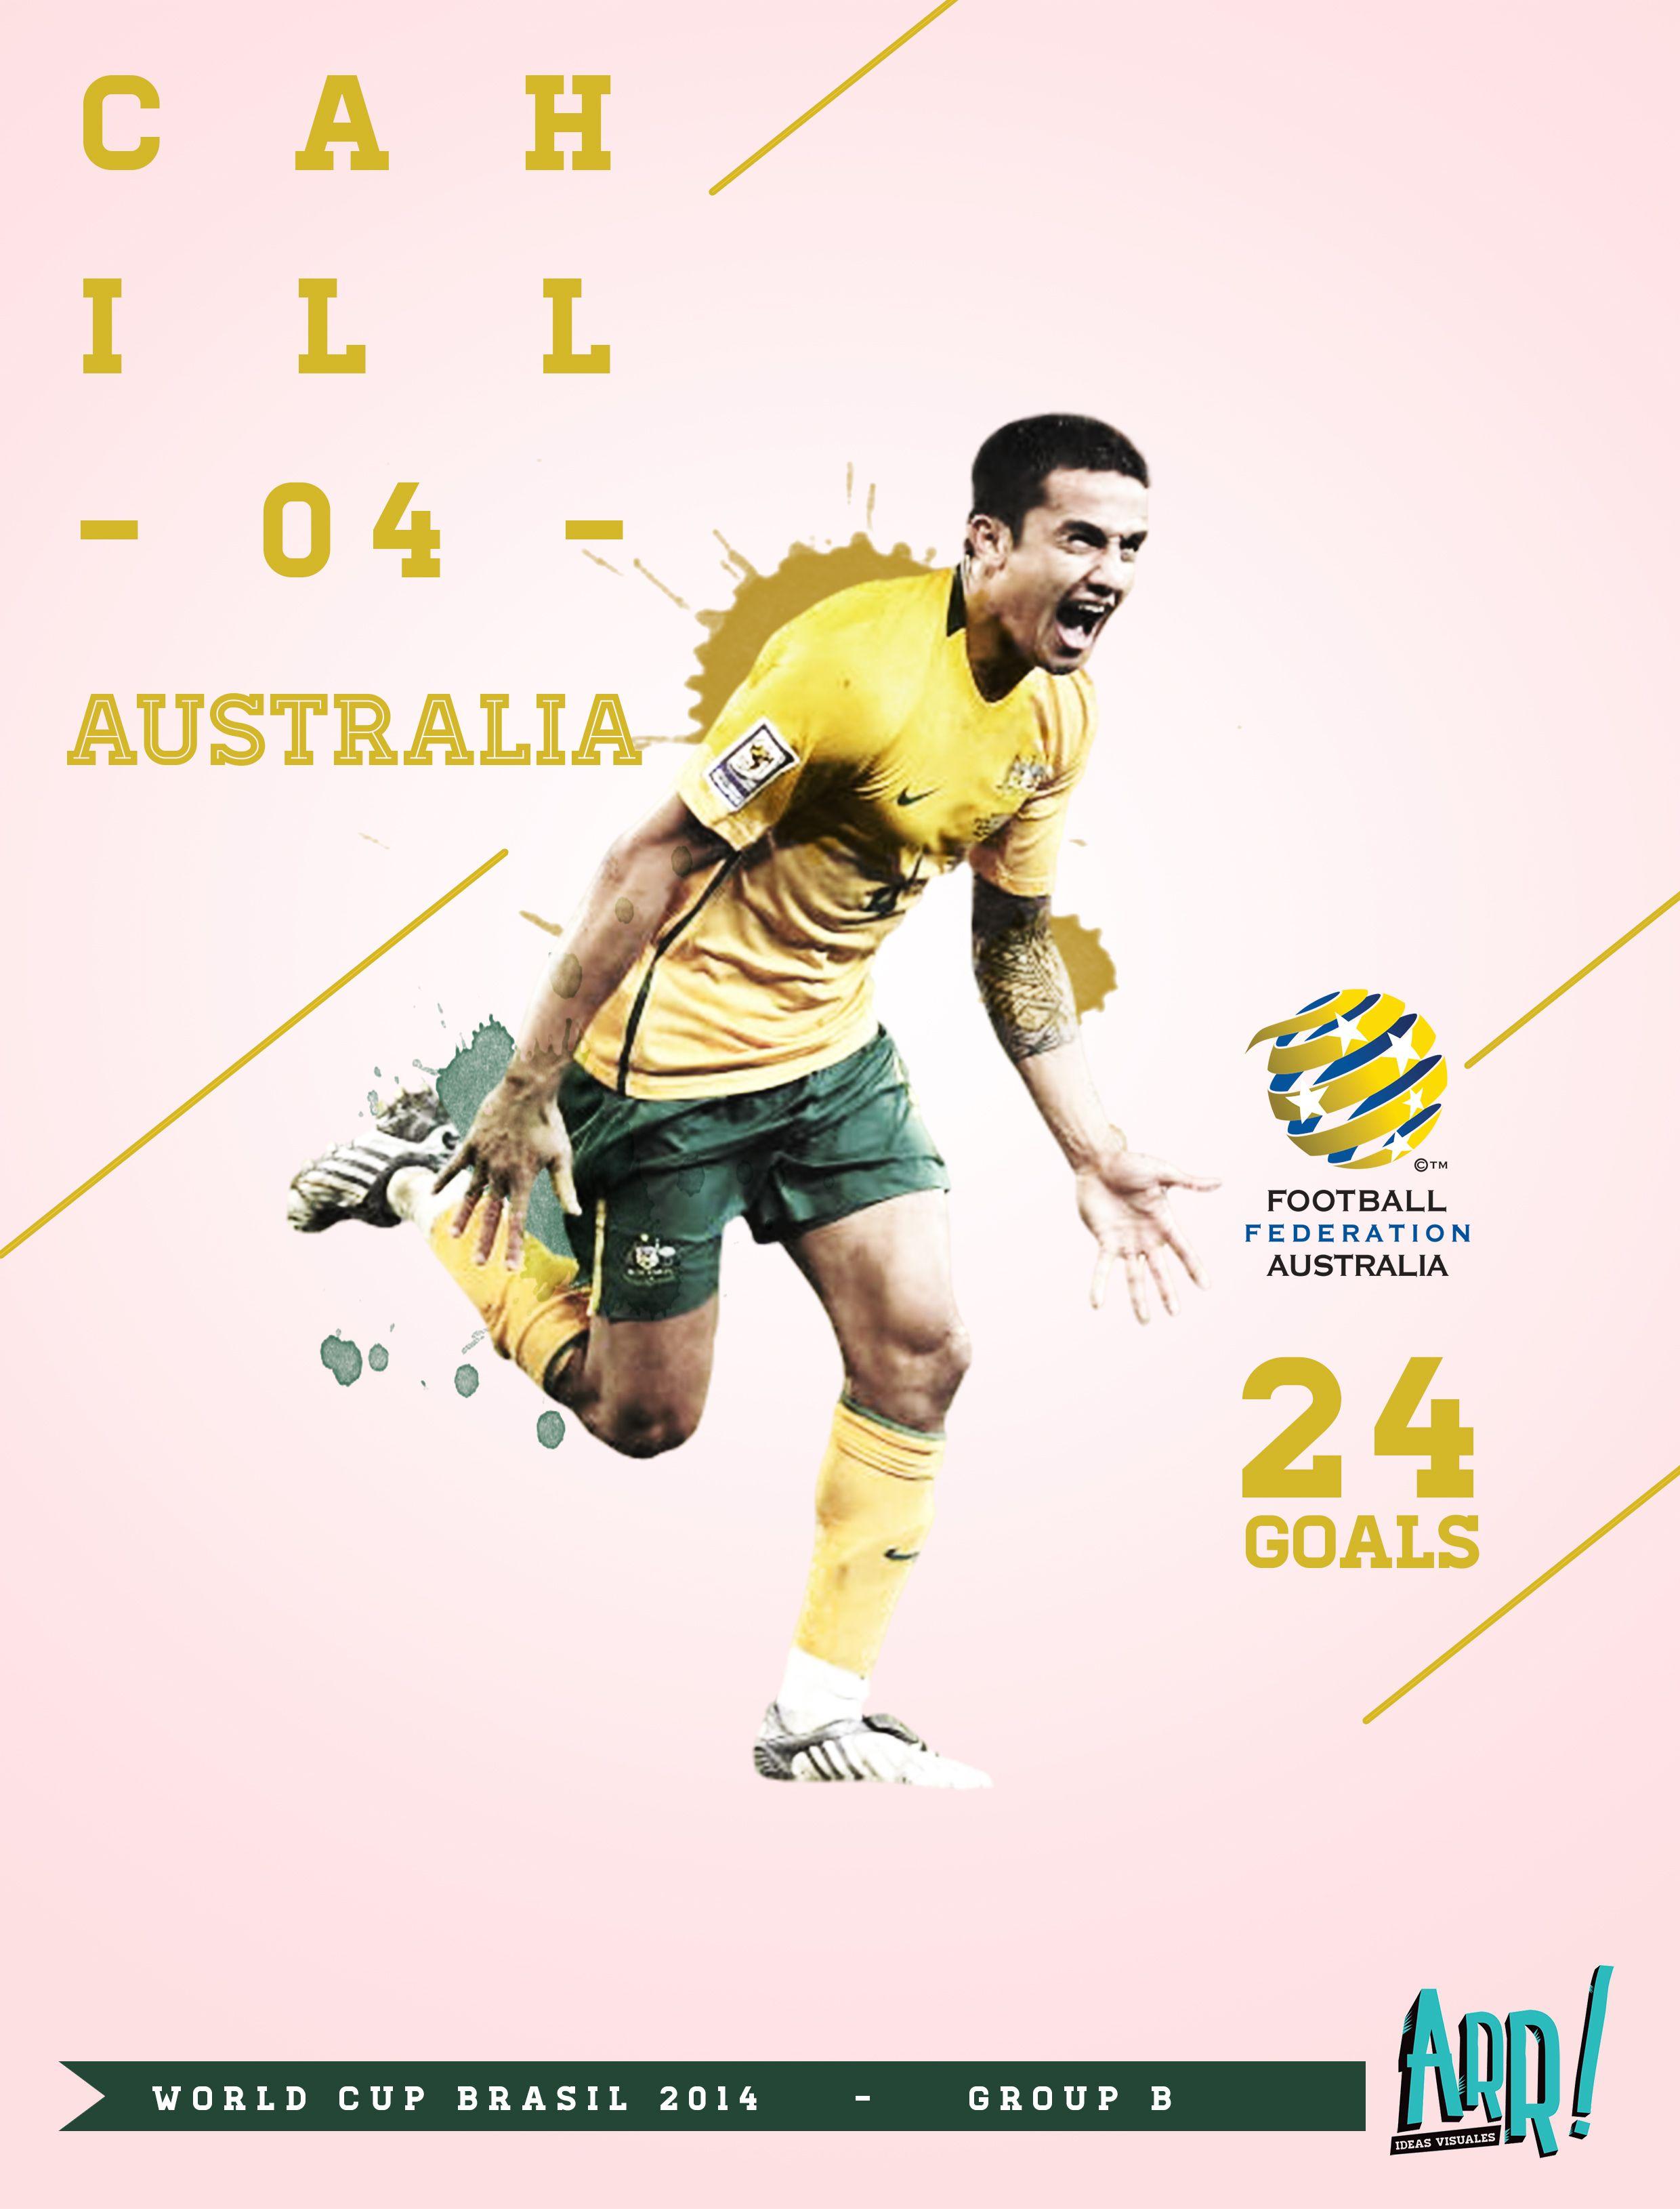 World Cup Brasil 2014 - Cahill, Australia by Nesta. http://nestarr.tumblr.com/